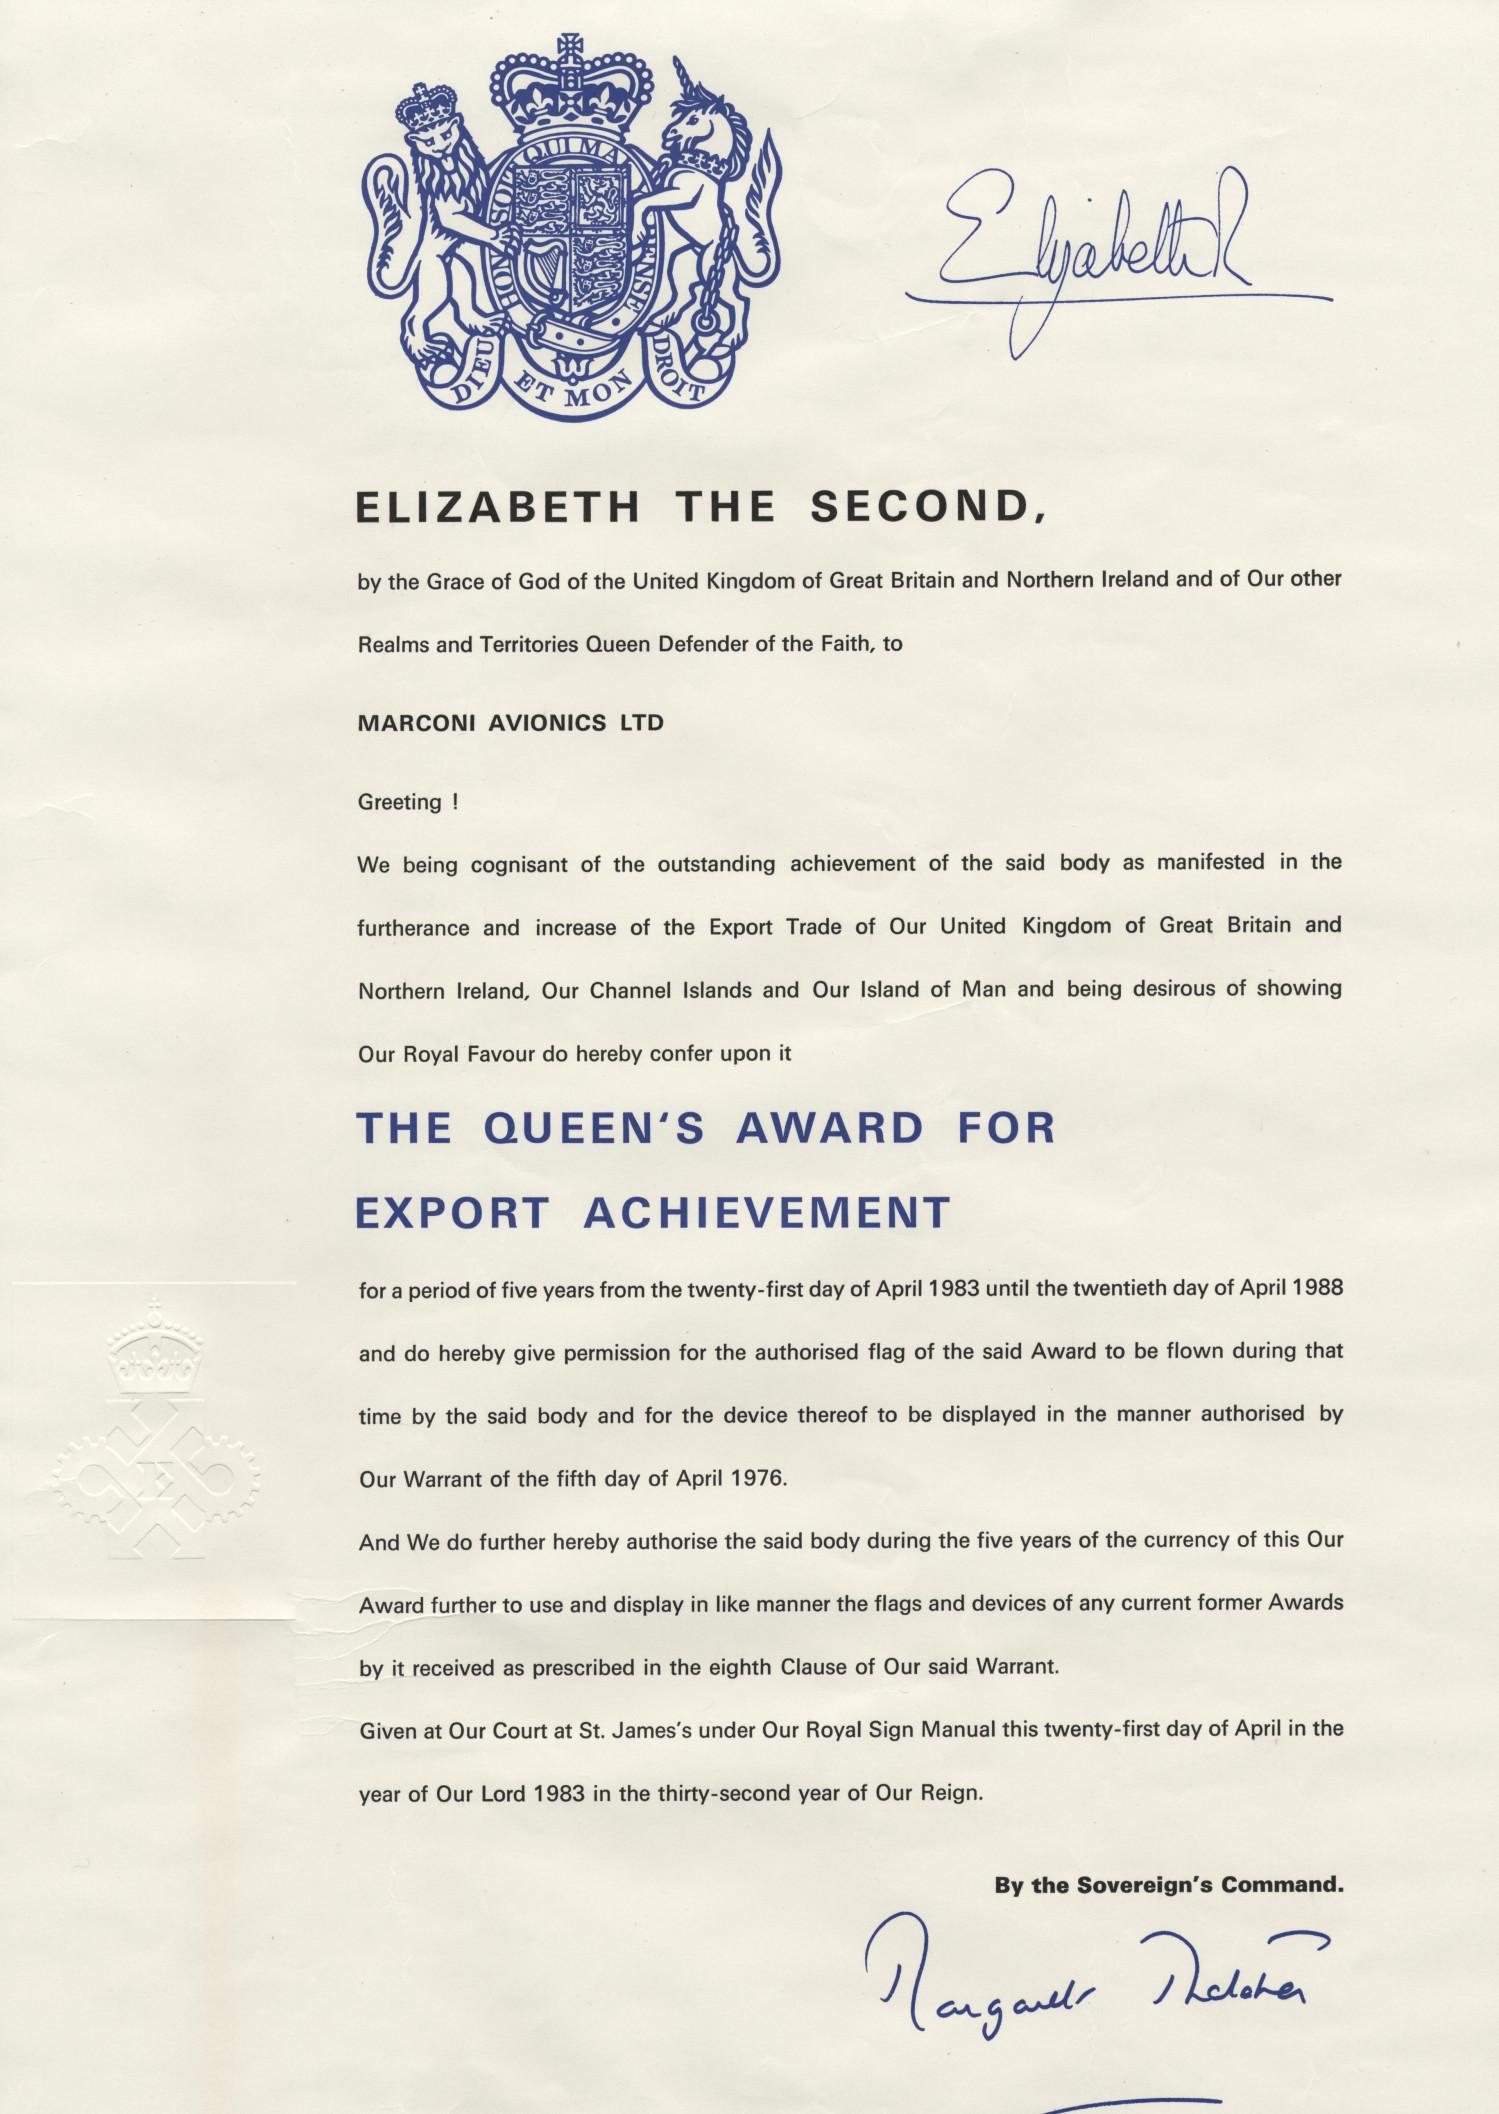 Queen's Award for Export Achievement, 1983